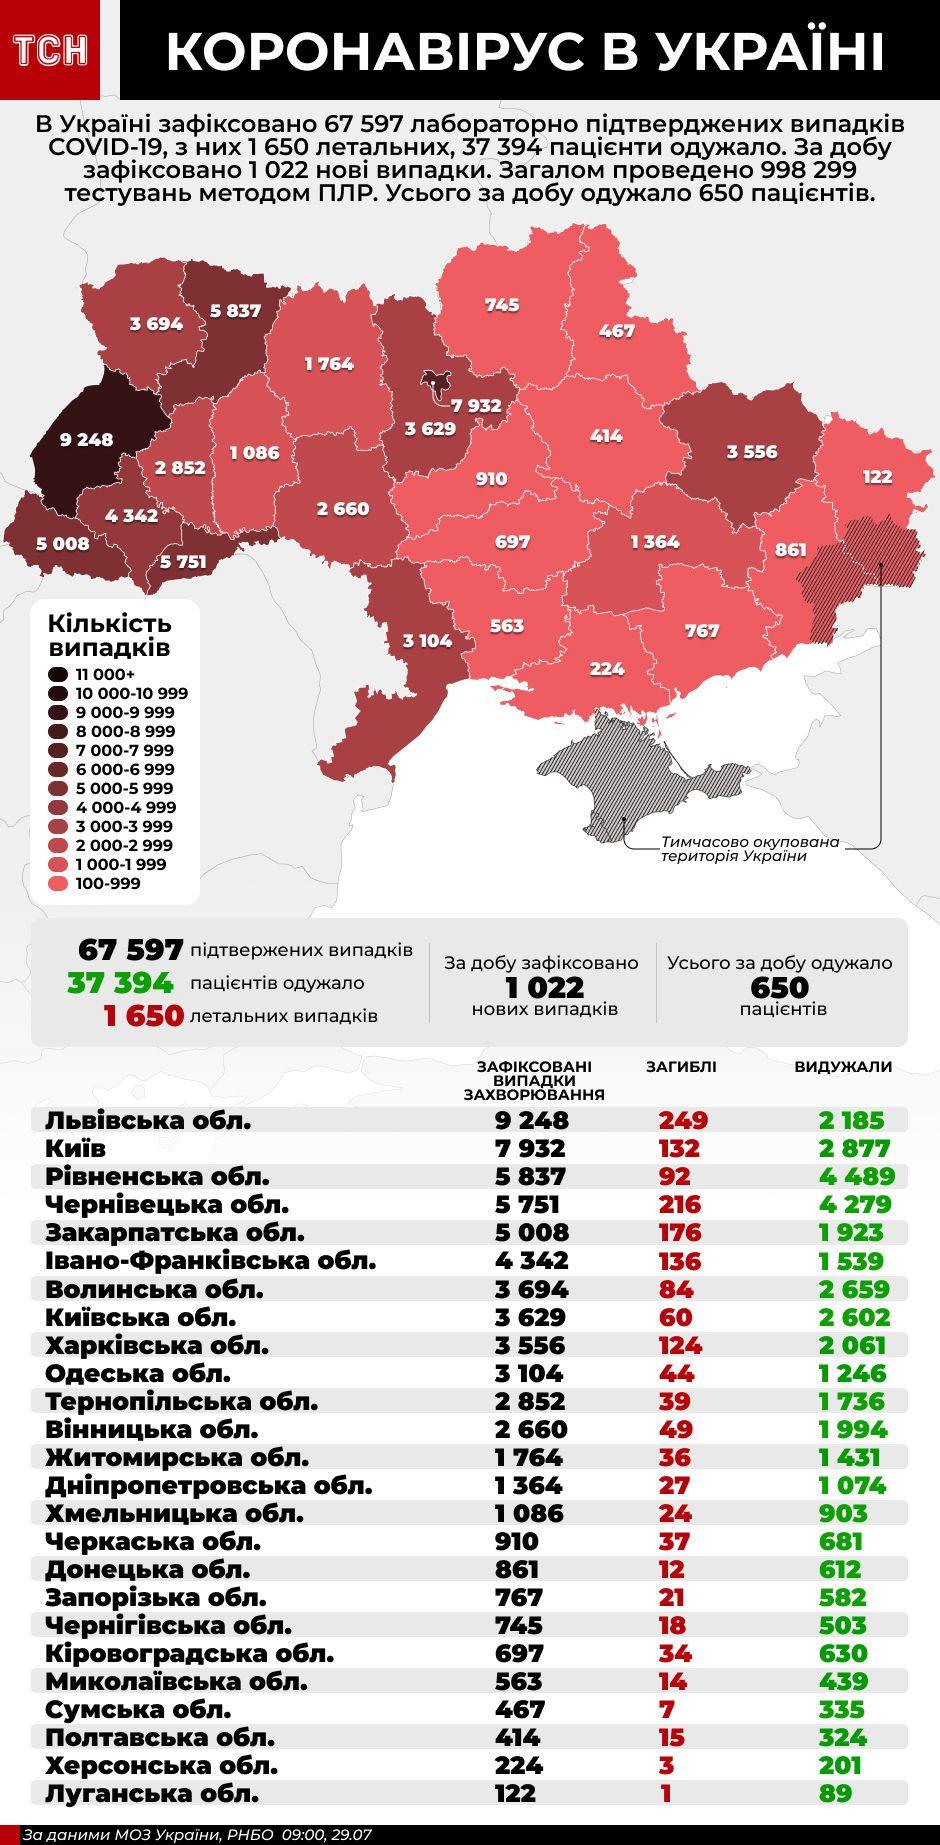 Коронавірус в Україні - інфографіка станом на 29 липня